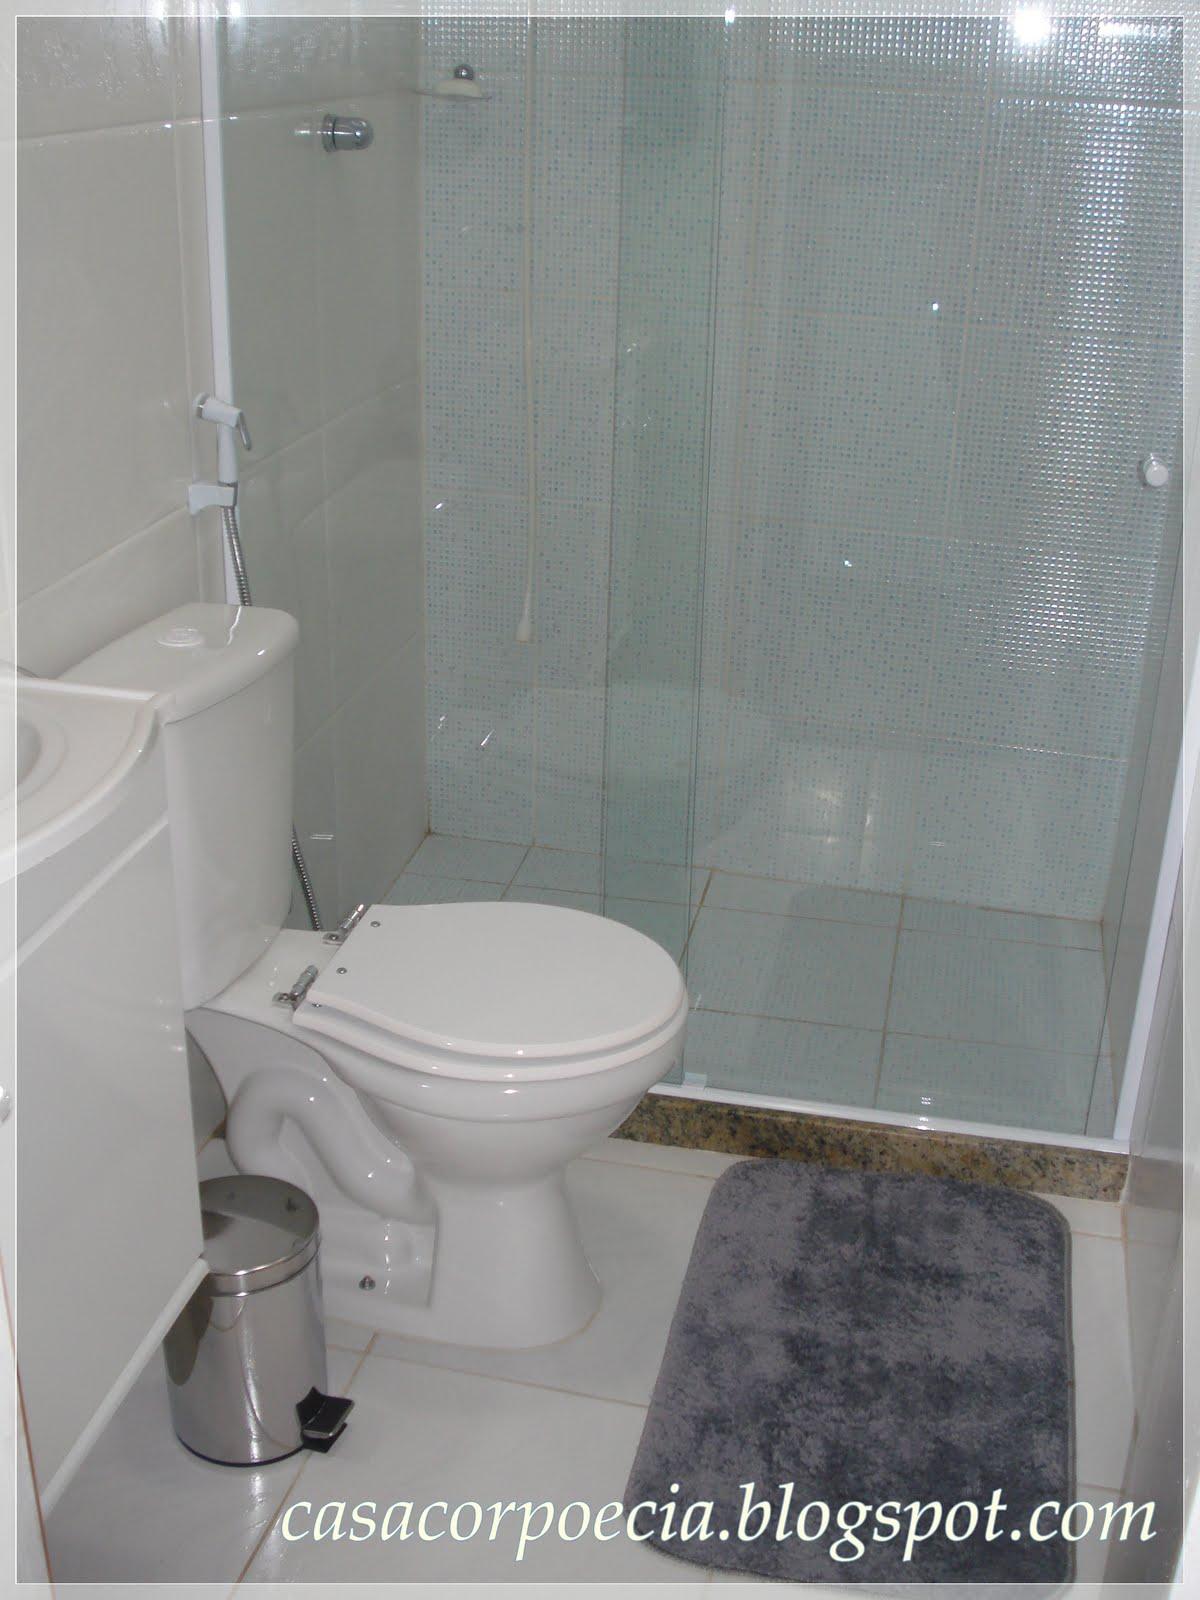 #5A5040 Coloquei um gabinete simples mas futuramente vou trocar por um mais  1200x1600 px Banheiros Bonitos Fotos 1519